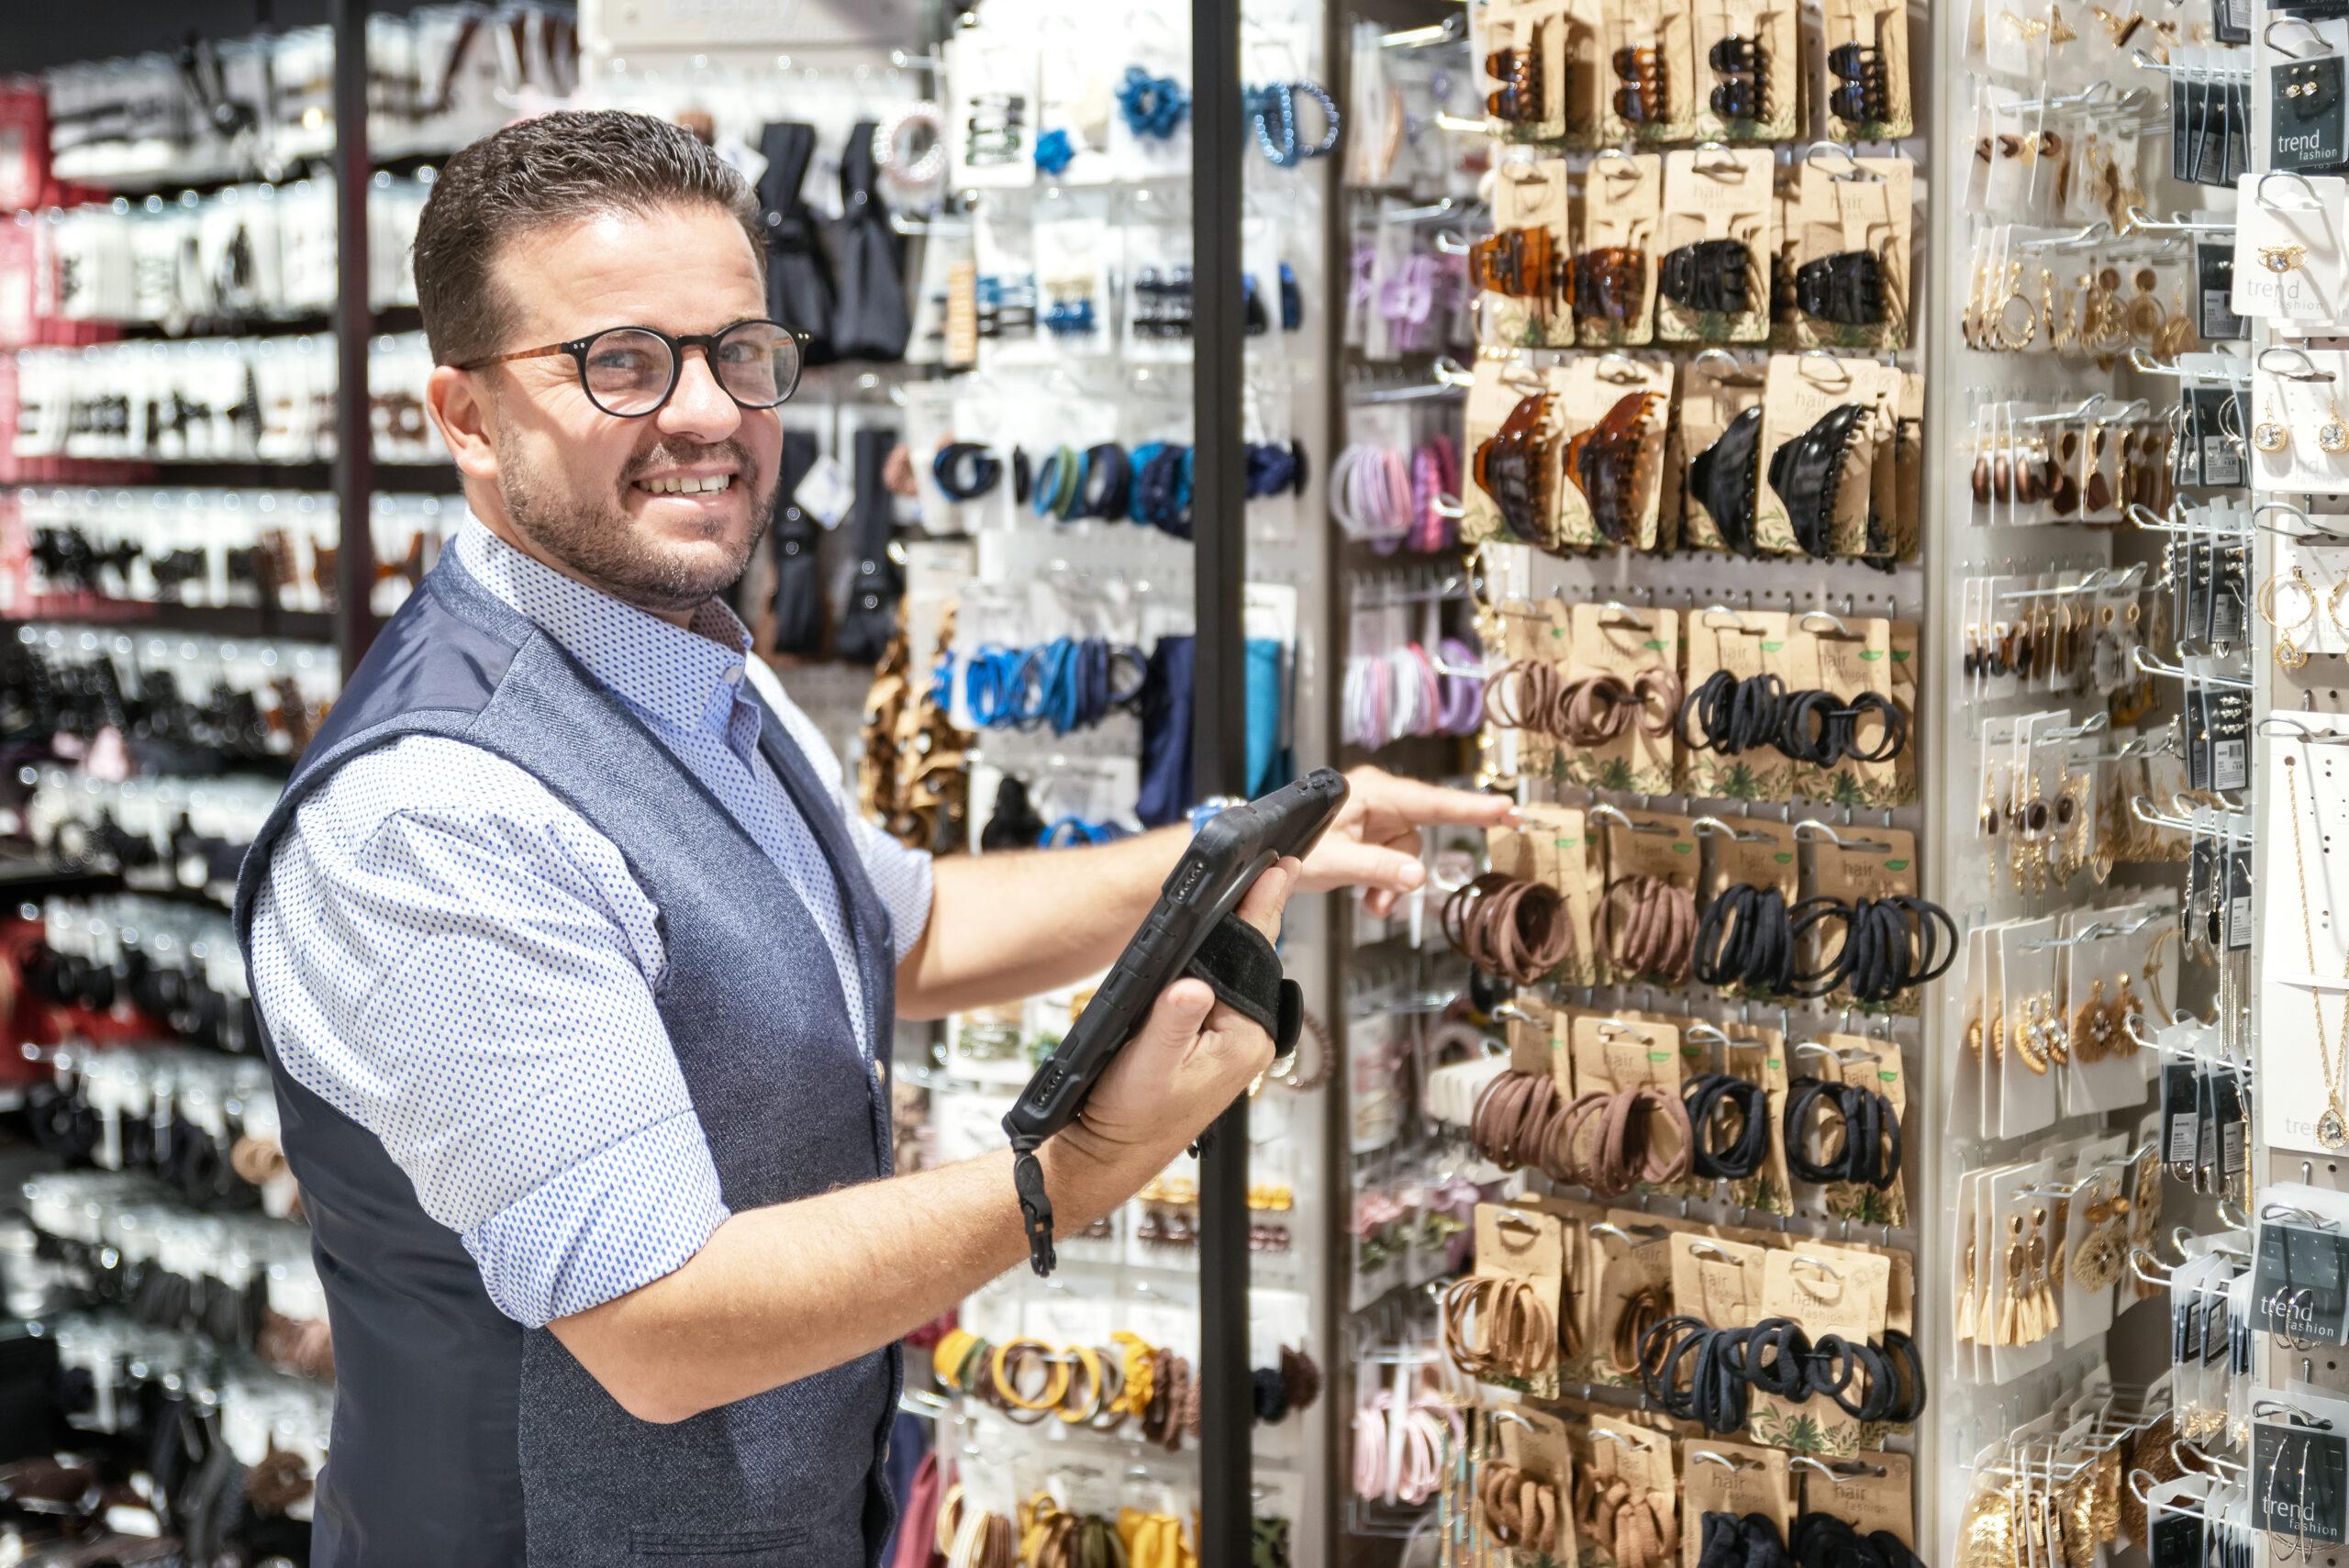 Ein POS Services Mitarbeiter von Trisa Accessoires, steht lächelnd am Verkaufsregal und nimmt eine Kundenbestellung auf.